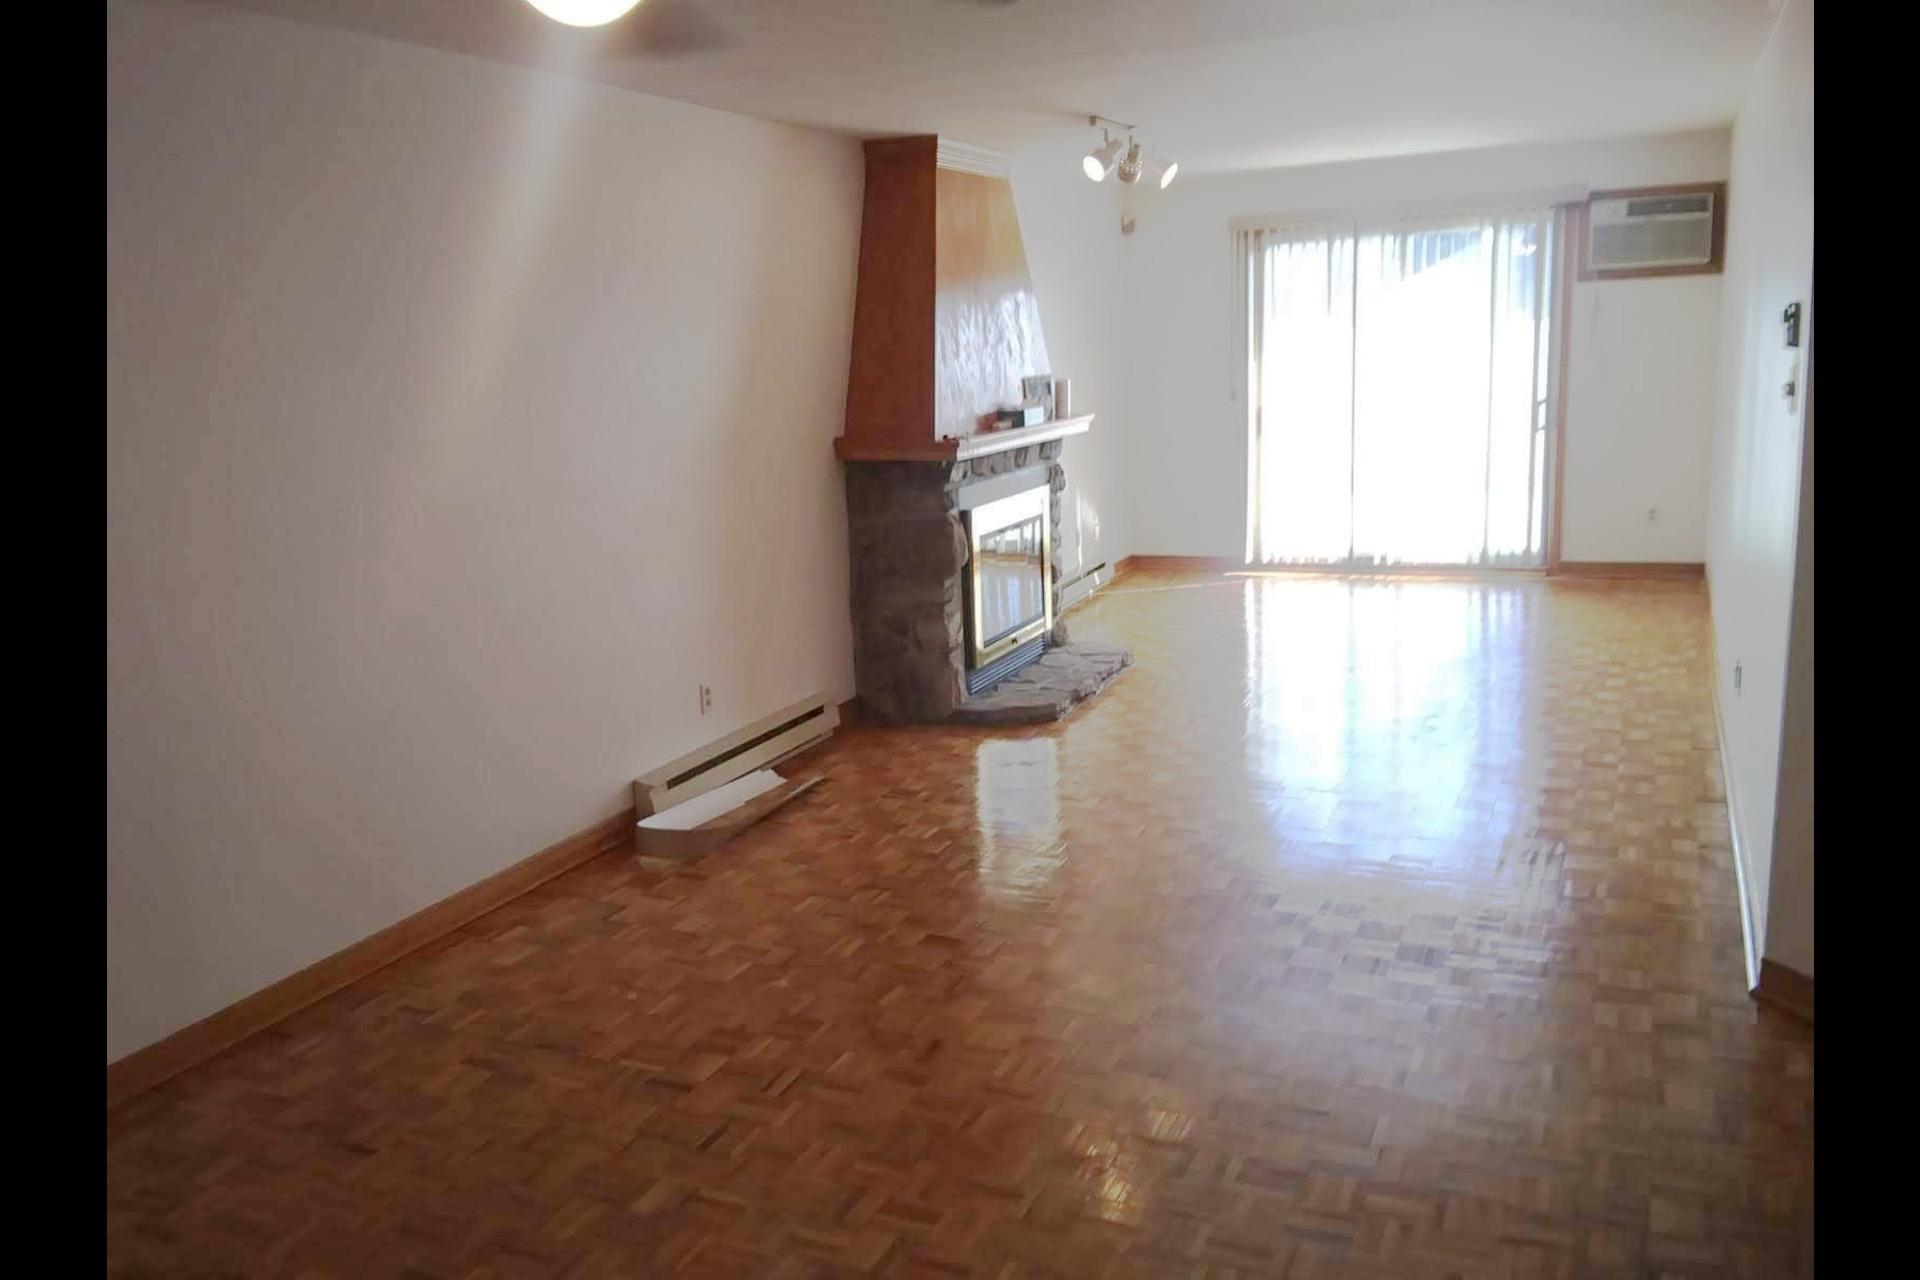 image 5 - Appartement À vendre Le Vieux-Longueuil Longueuil  - 6 pièces